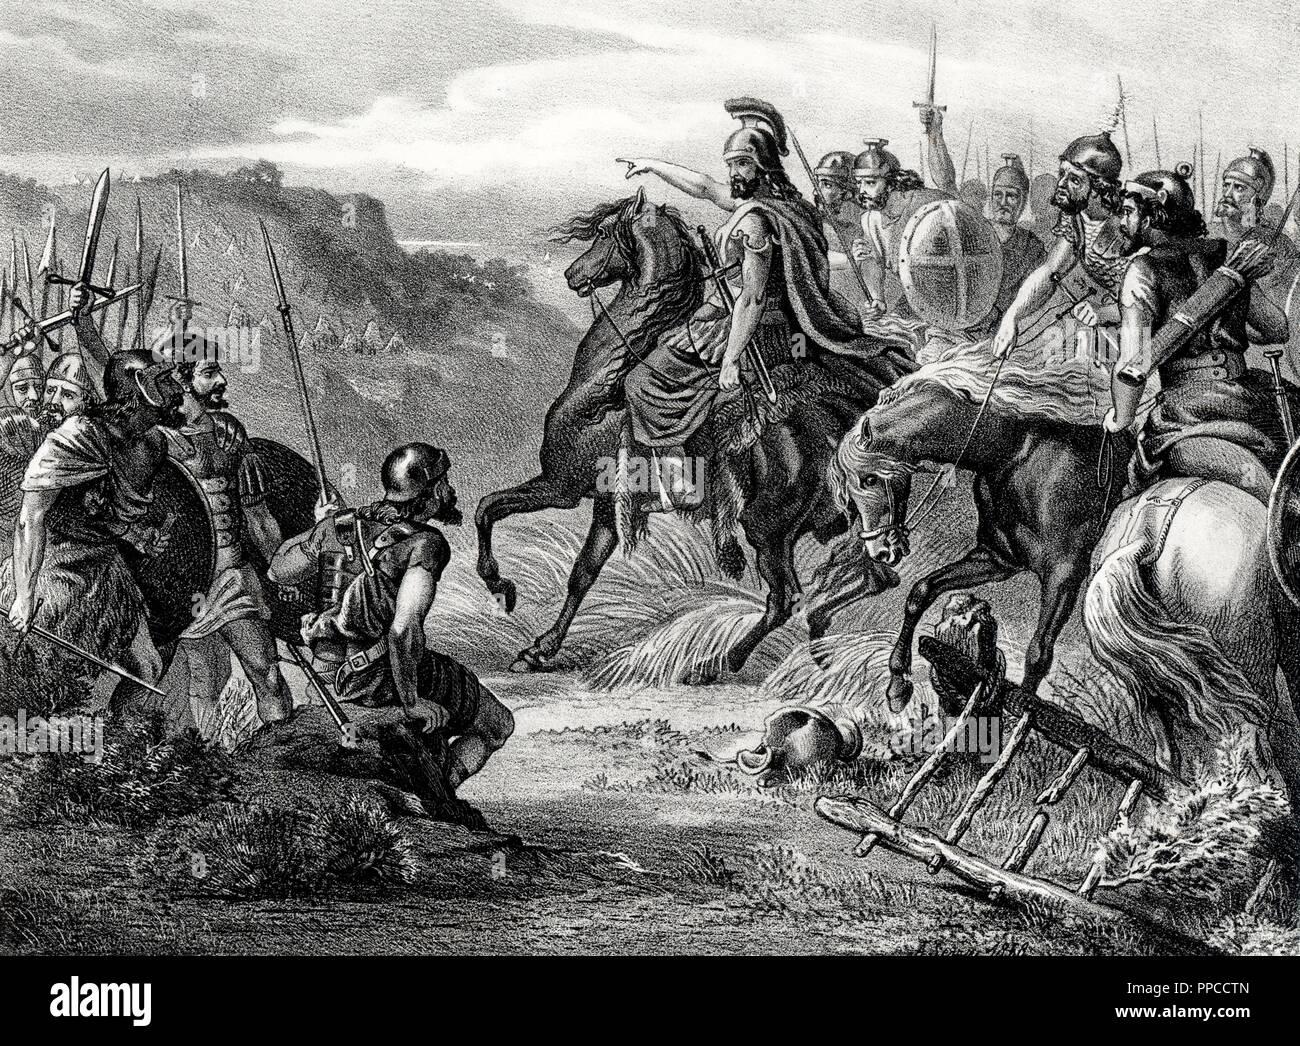 Historia. Levantamiento de Viriato (?-139 a. C.), pastor lusitano, contra los romanos en el año 142 a. C. Grabado de 1871. - Stock Image